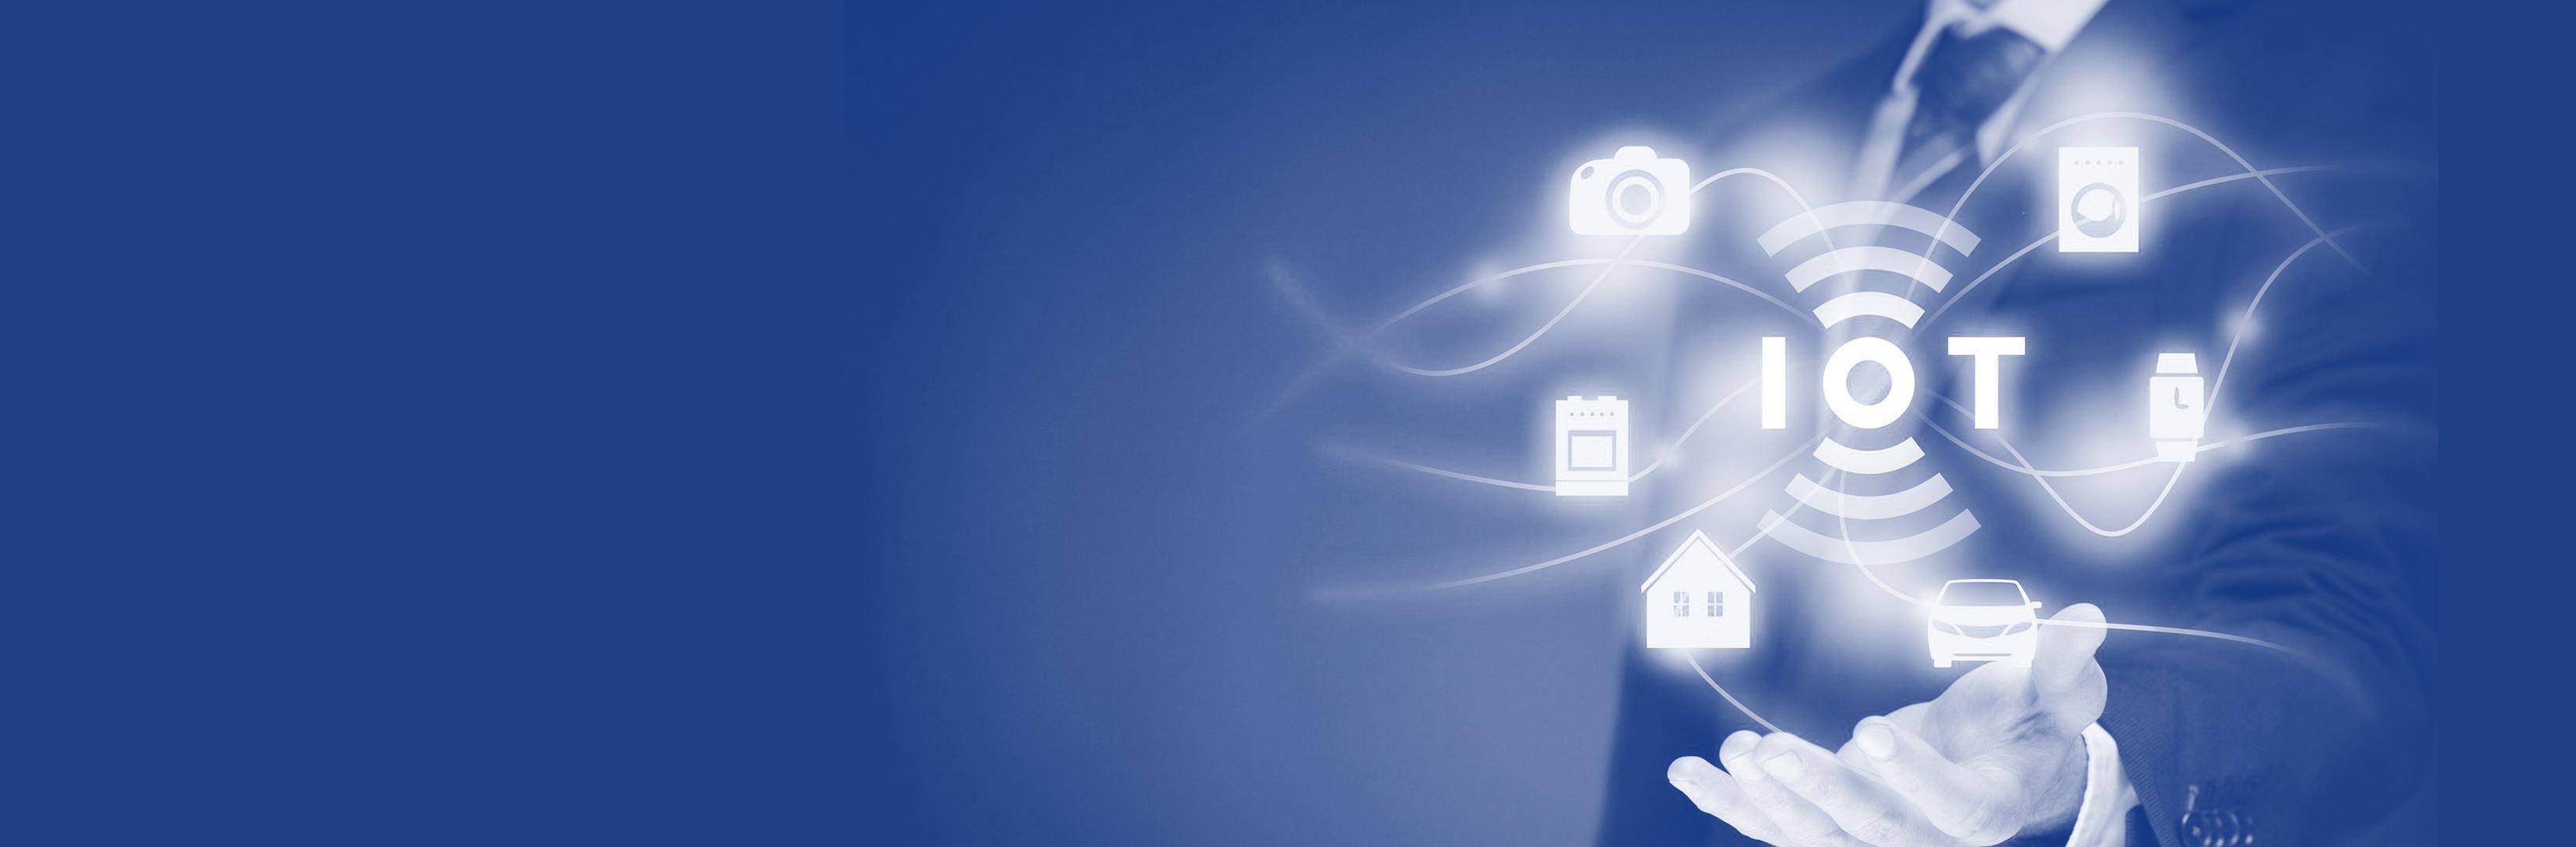 El Internet de las Cosas (IoT) como parte de la transformación digital